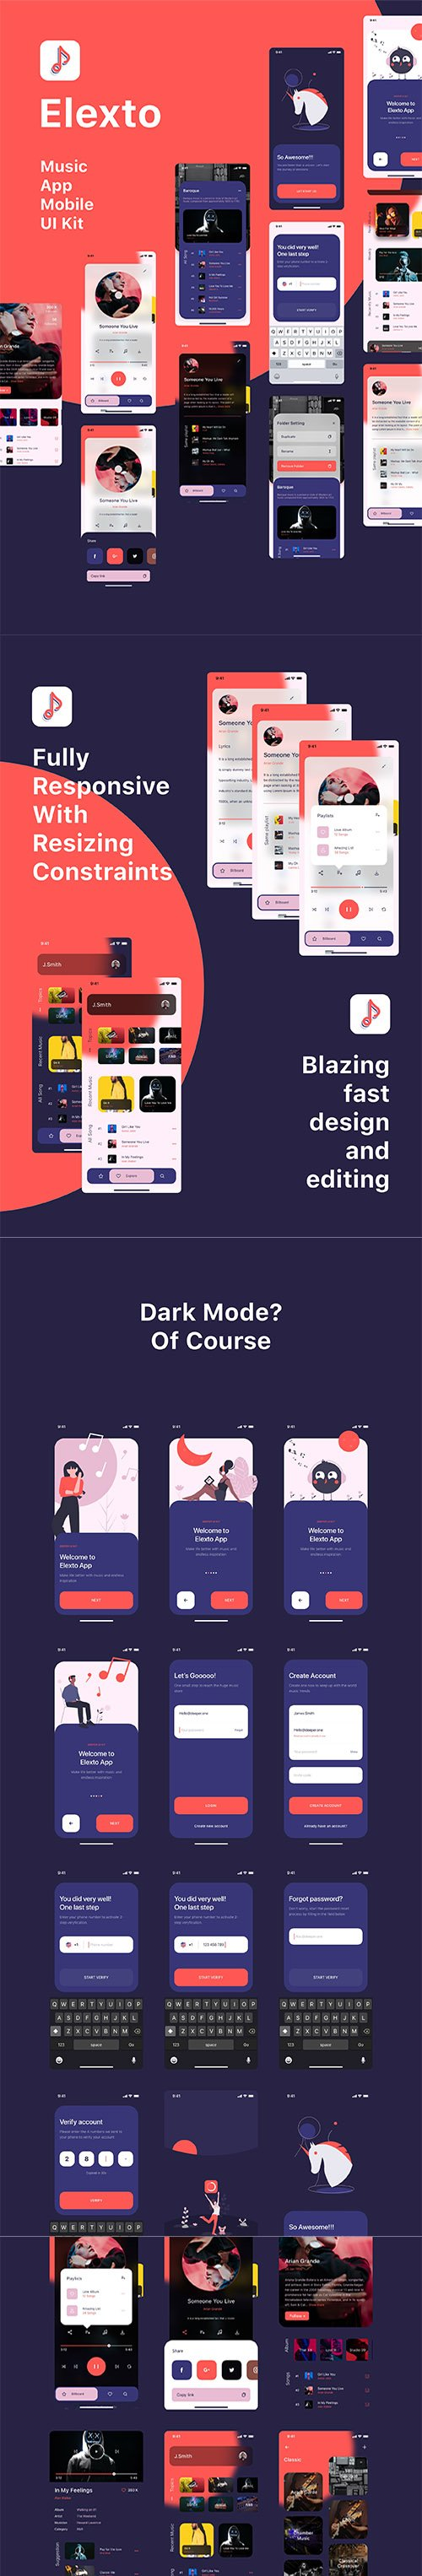 Elexto - Music App UI Kit